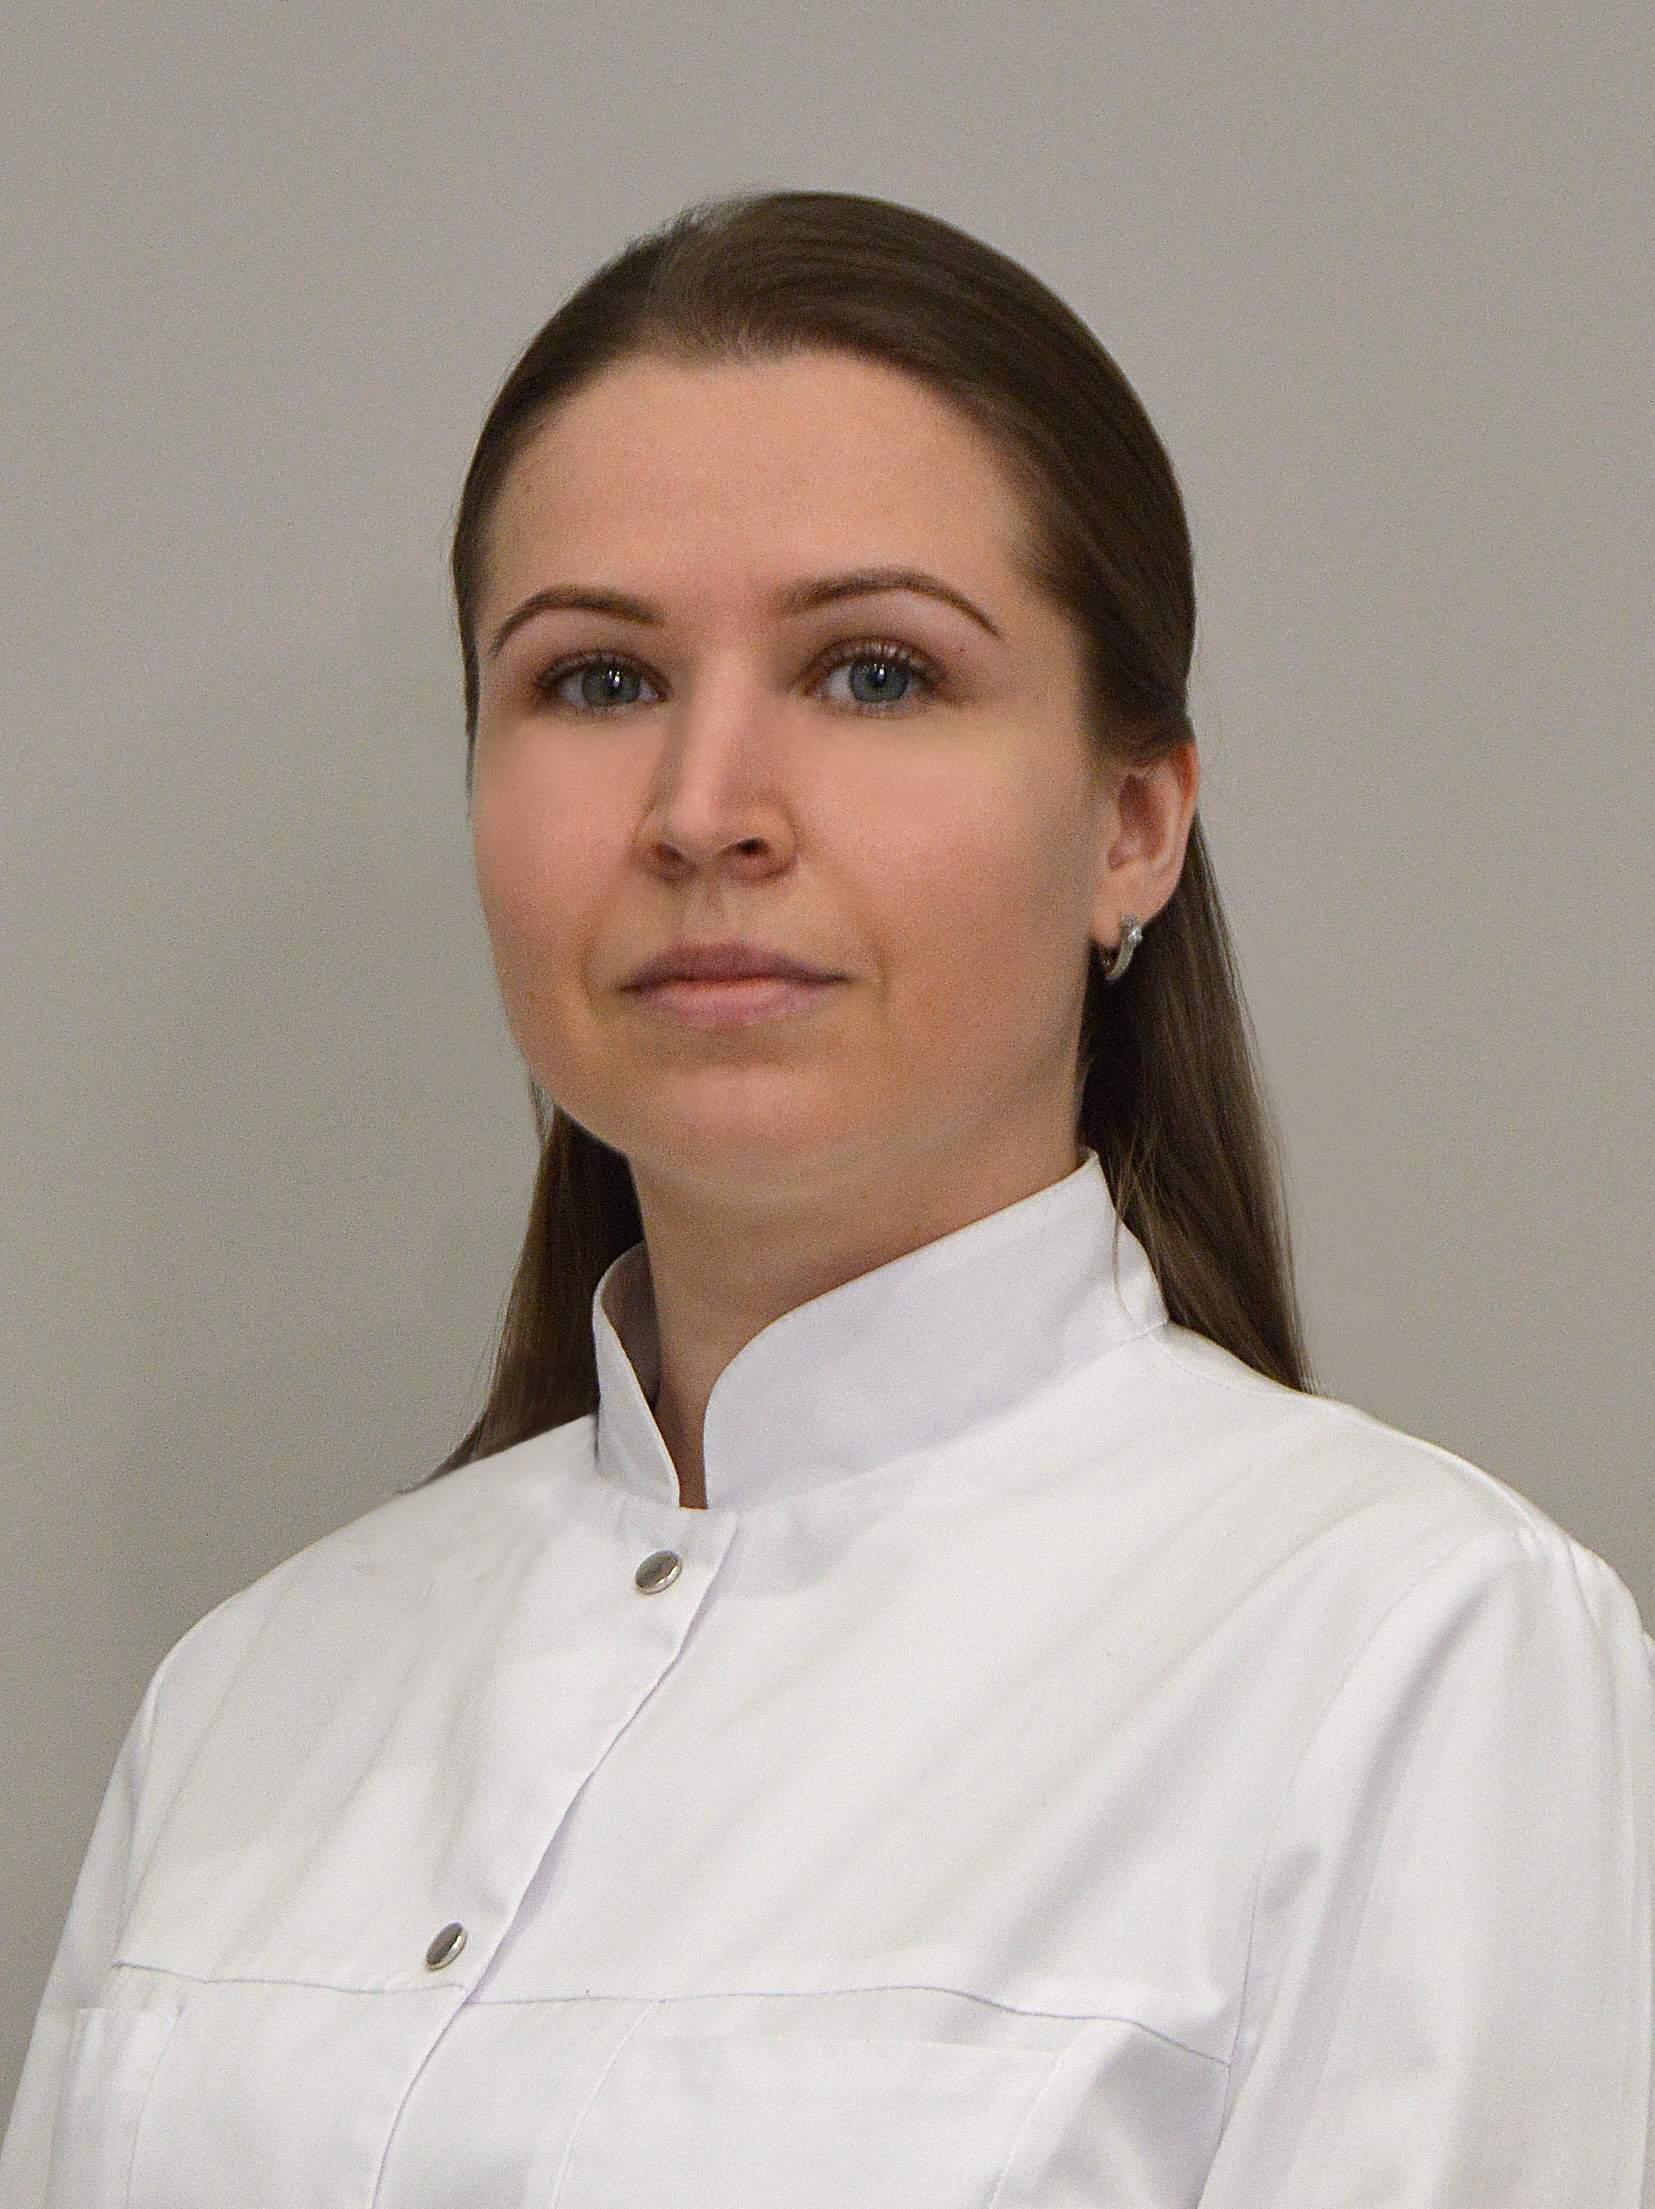 Богданова Евгения Михайловна